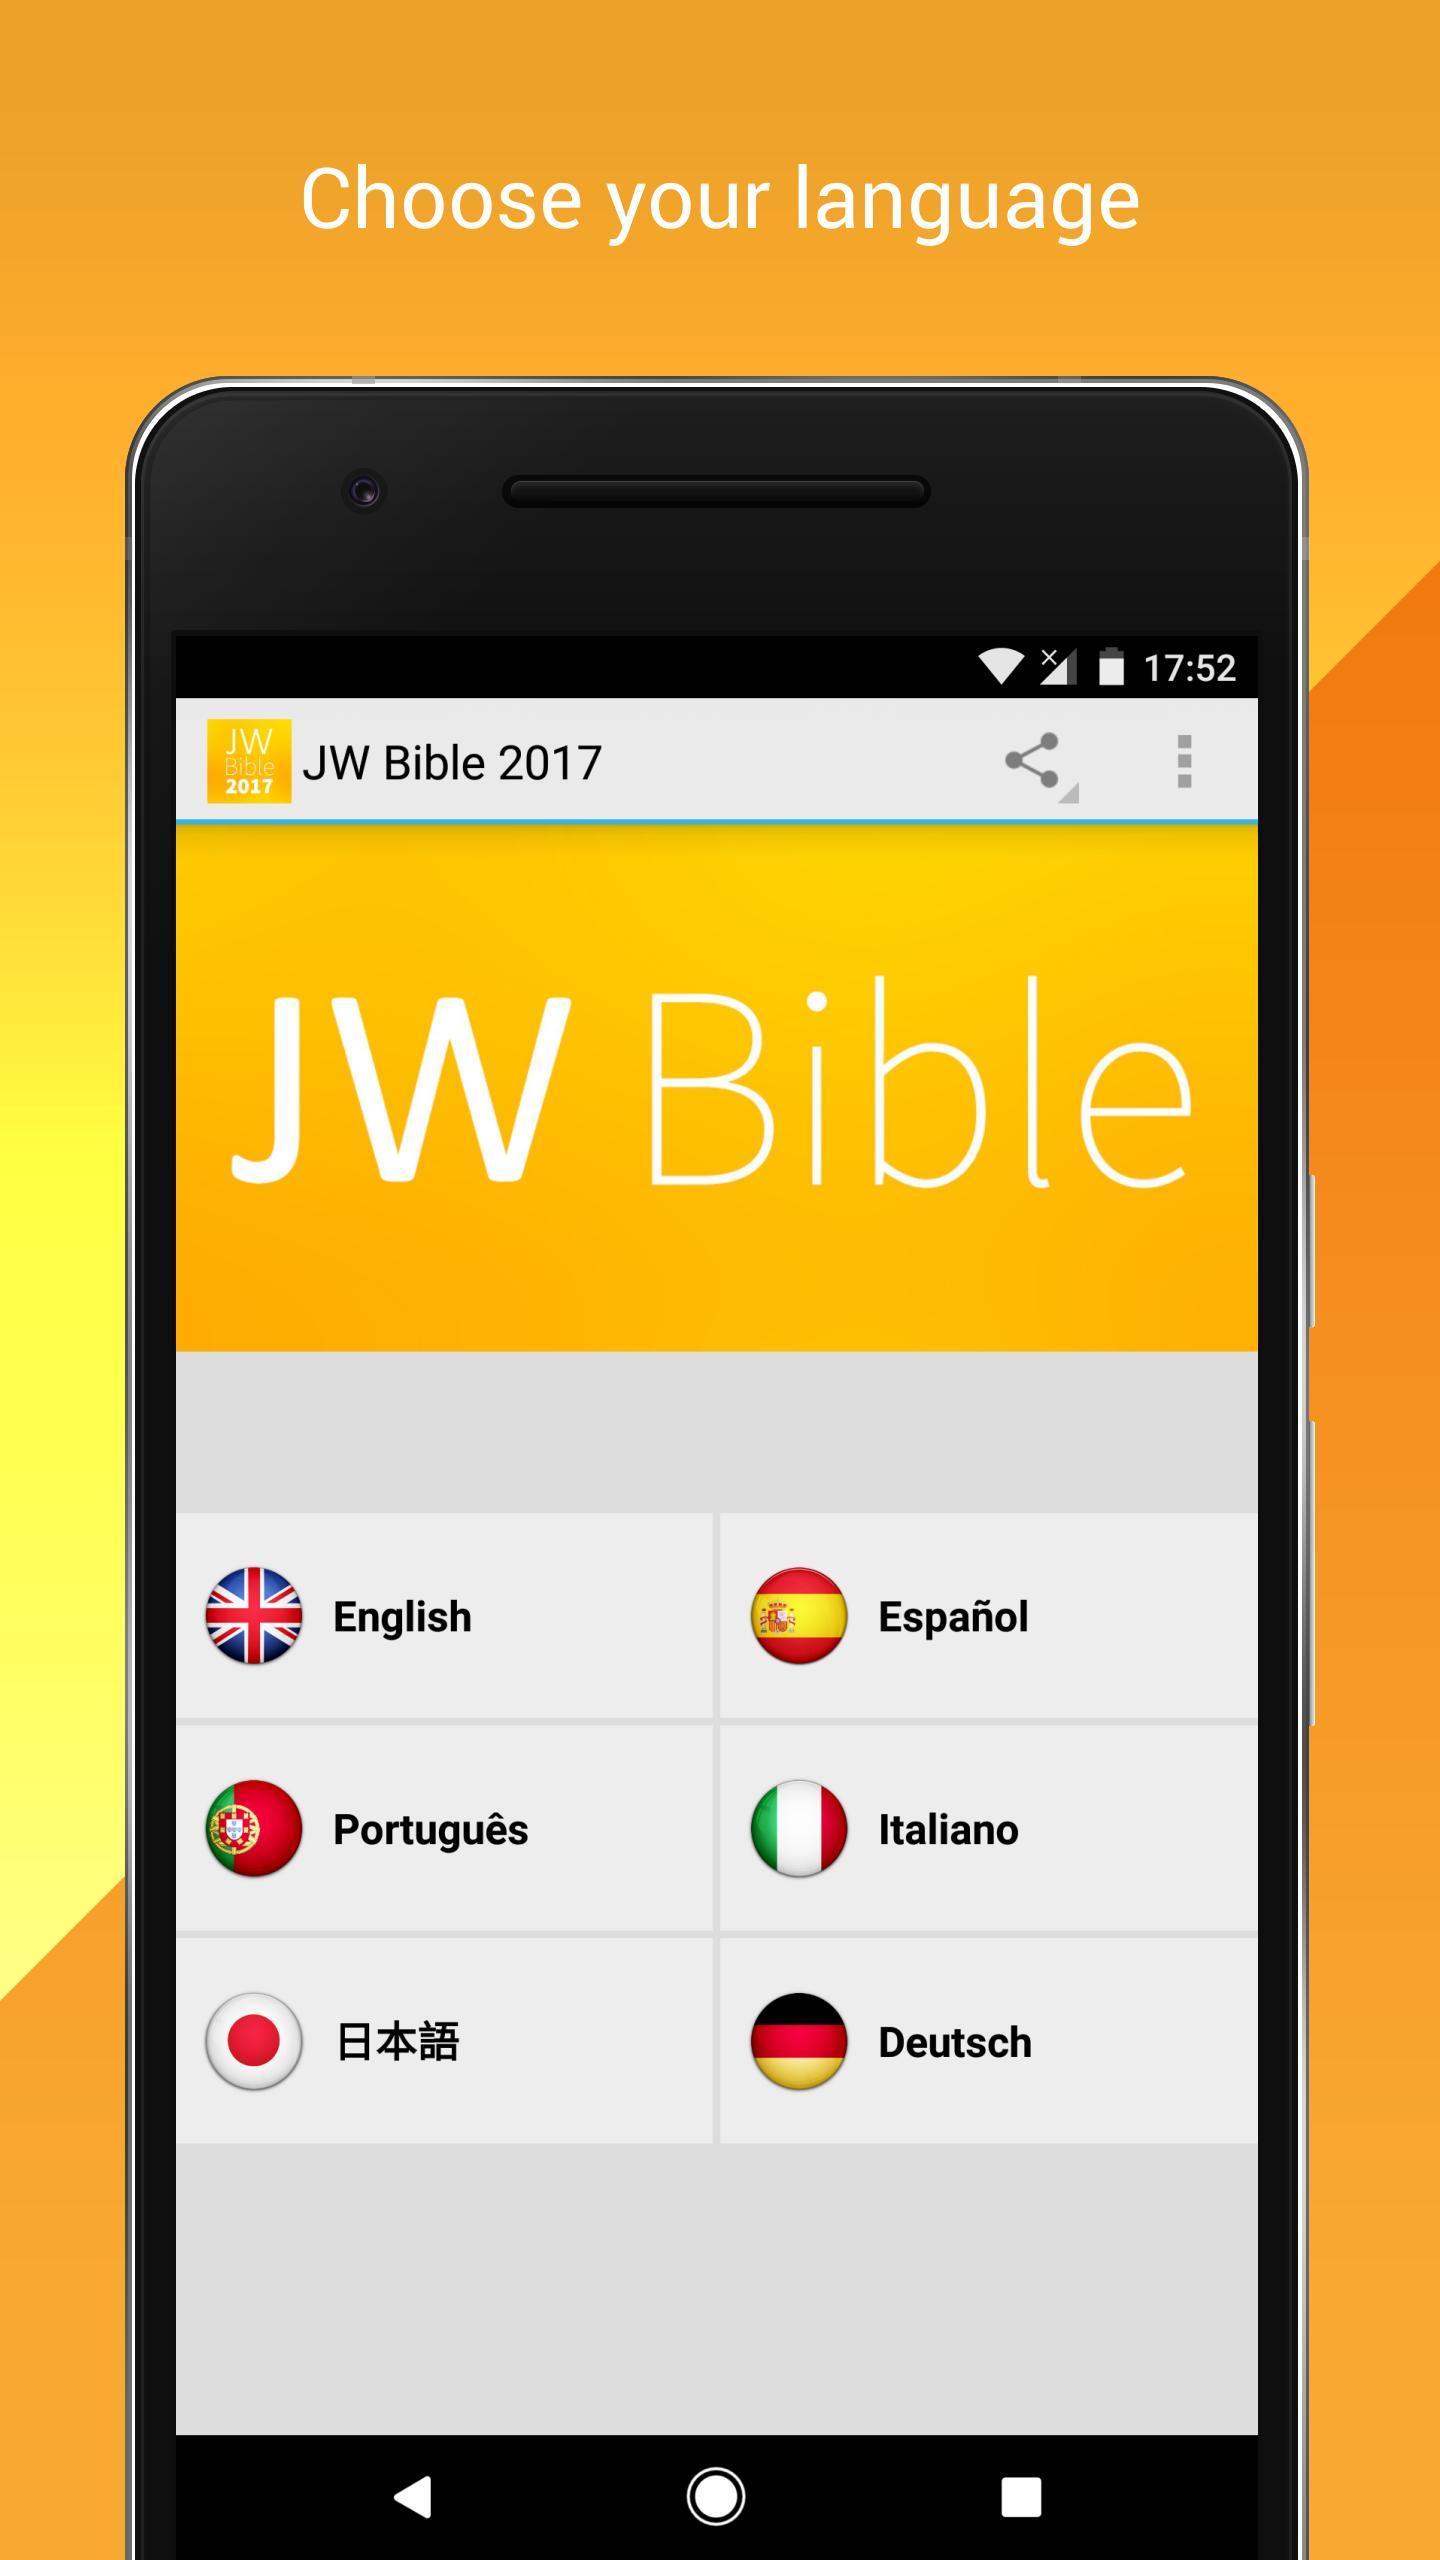 Jw Org Biblia 2018 For Android Apk Download Los cuatro jinetes y sus caballos crean una imagen tan vívida que parecen saltar de las páginas de la biblia. jw org biblia 2018 for android apk